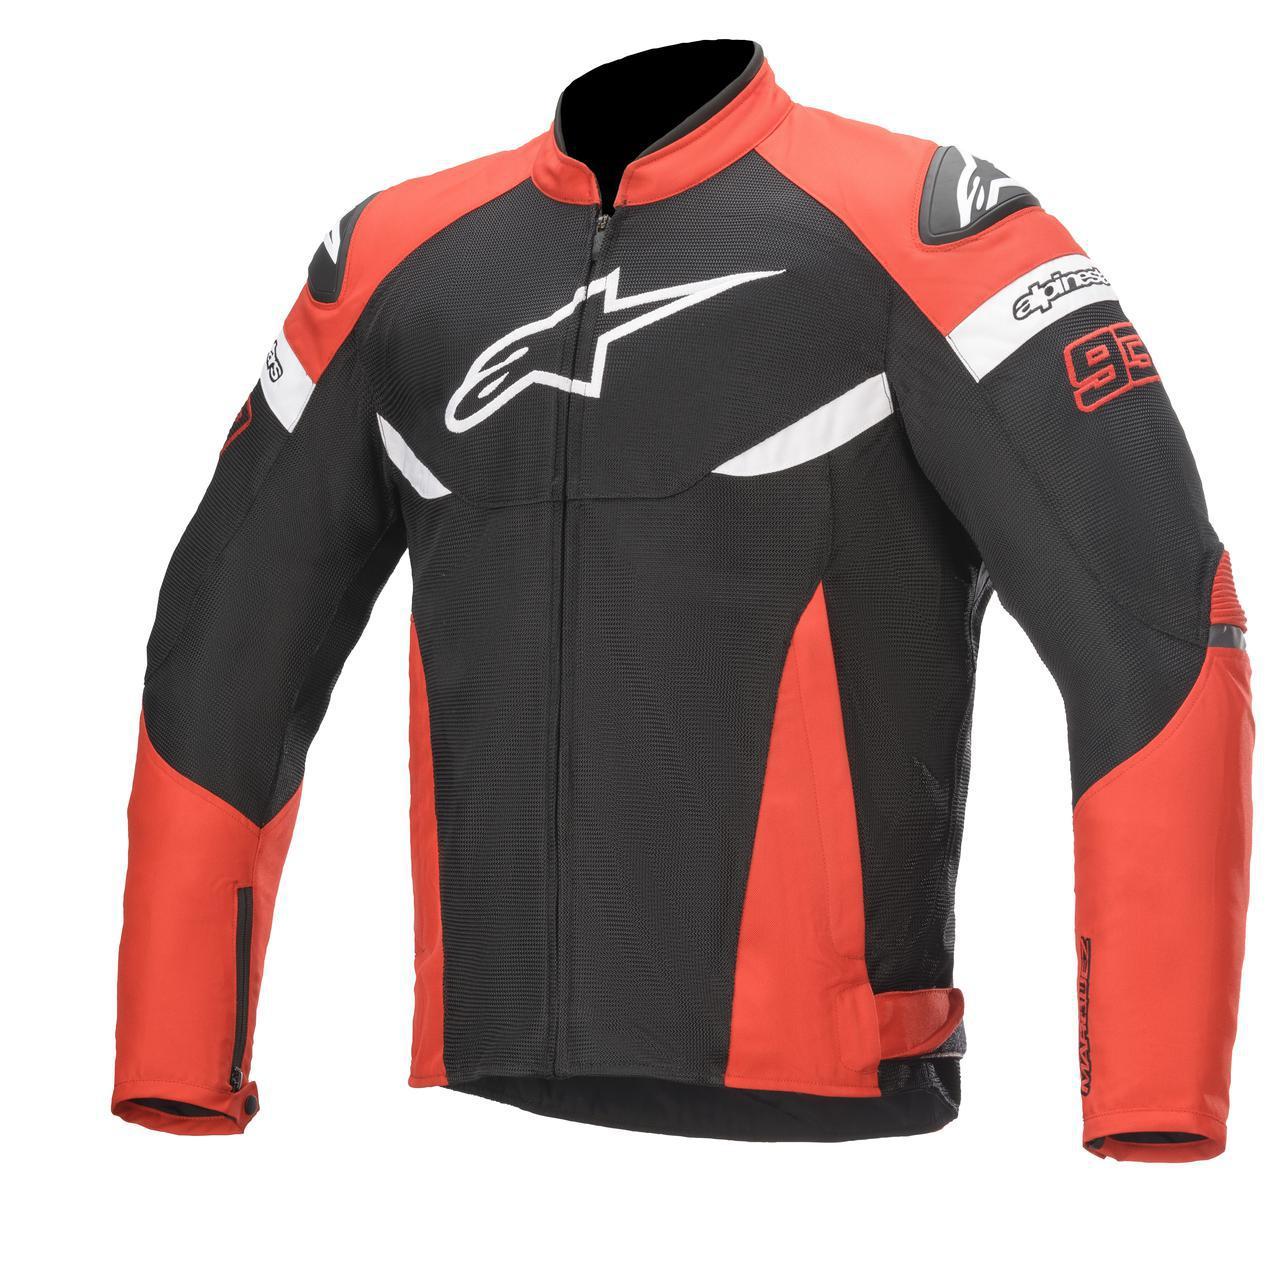 画像1: 左腕の「93」って何でしょう? アルパインスターズの新作メッシュジャケットは、〇〇〇〇とのコラボ製品!